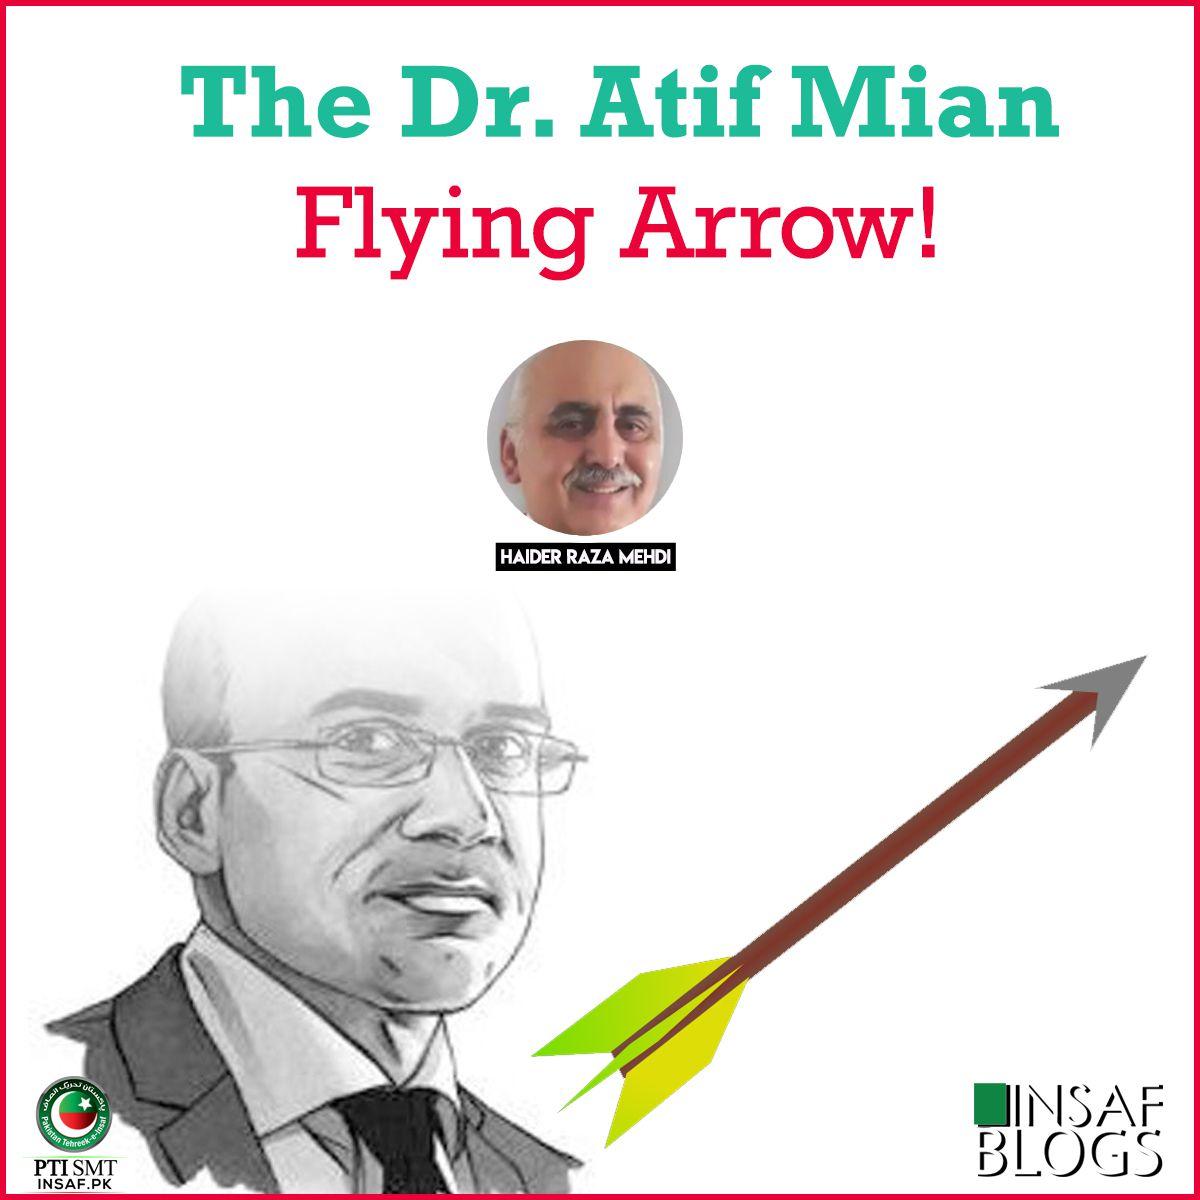 atif-mian-flying-arrow-insaf-blog